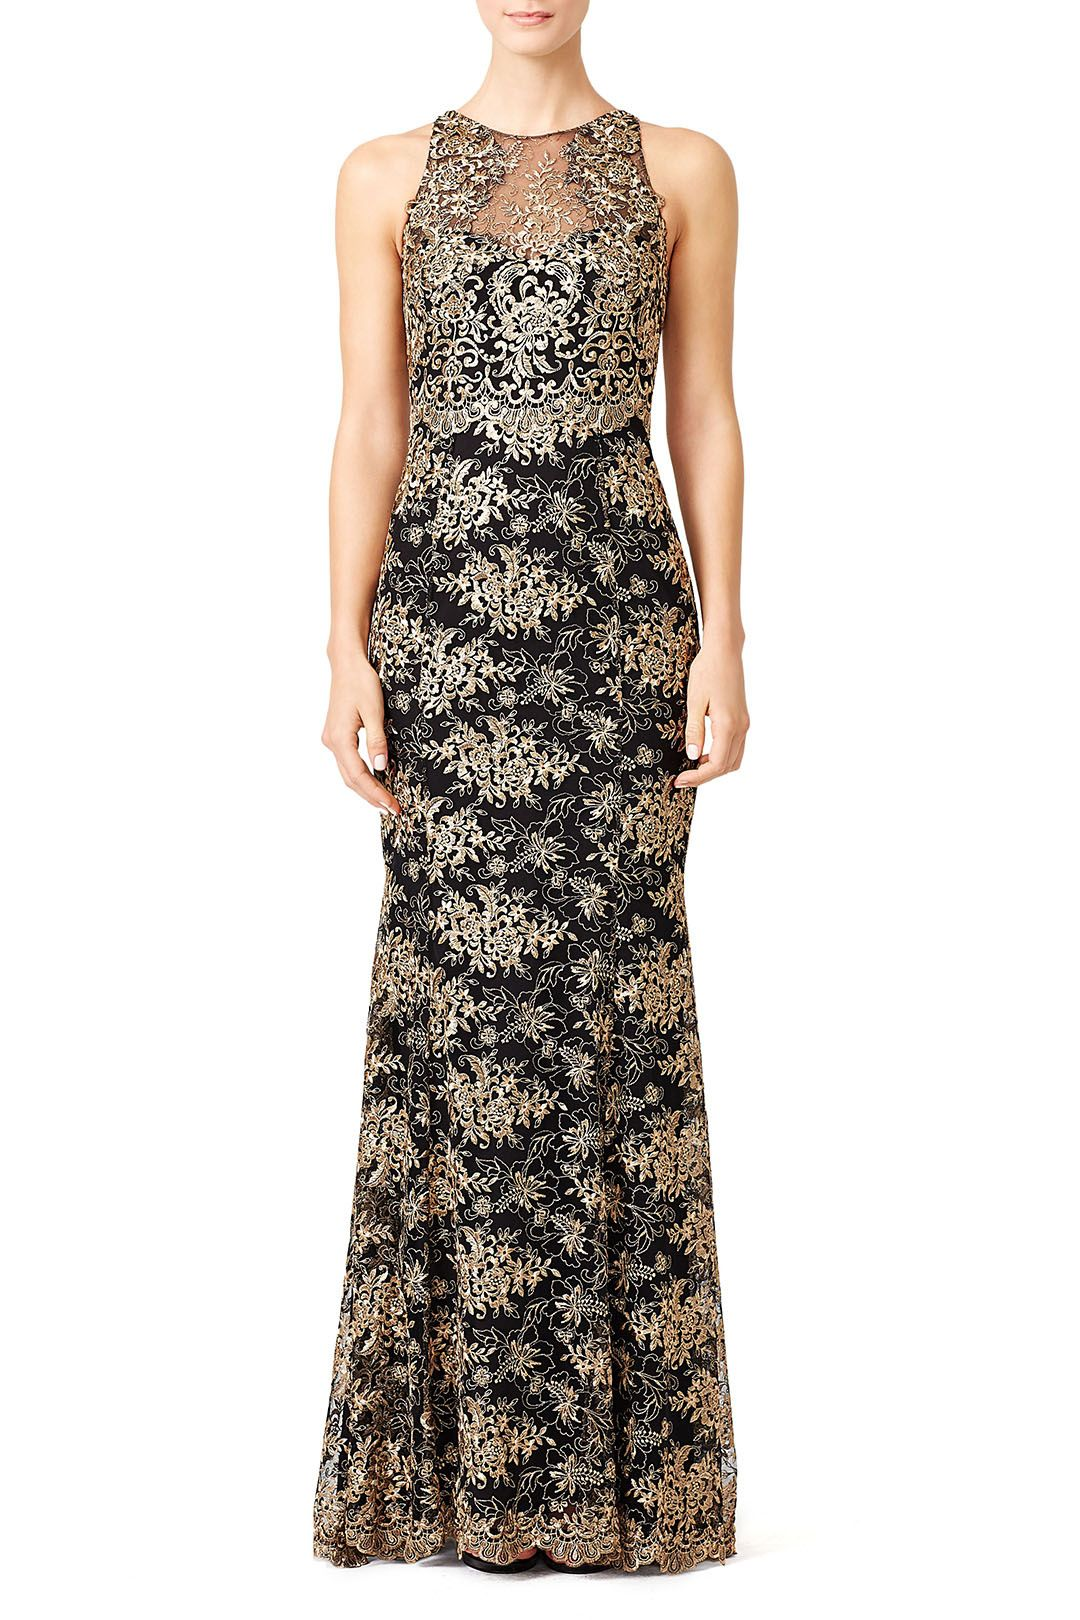 Marchesa notte gilded garden gown gala pinterest marchesa